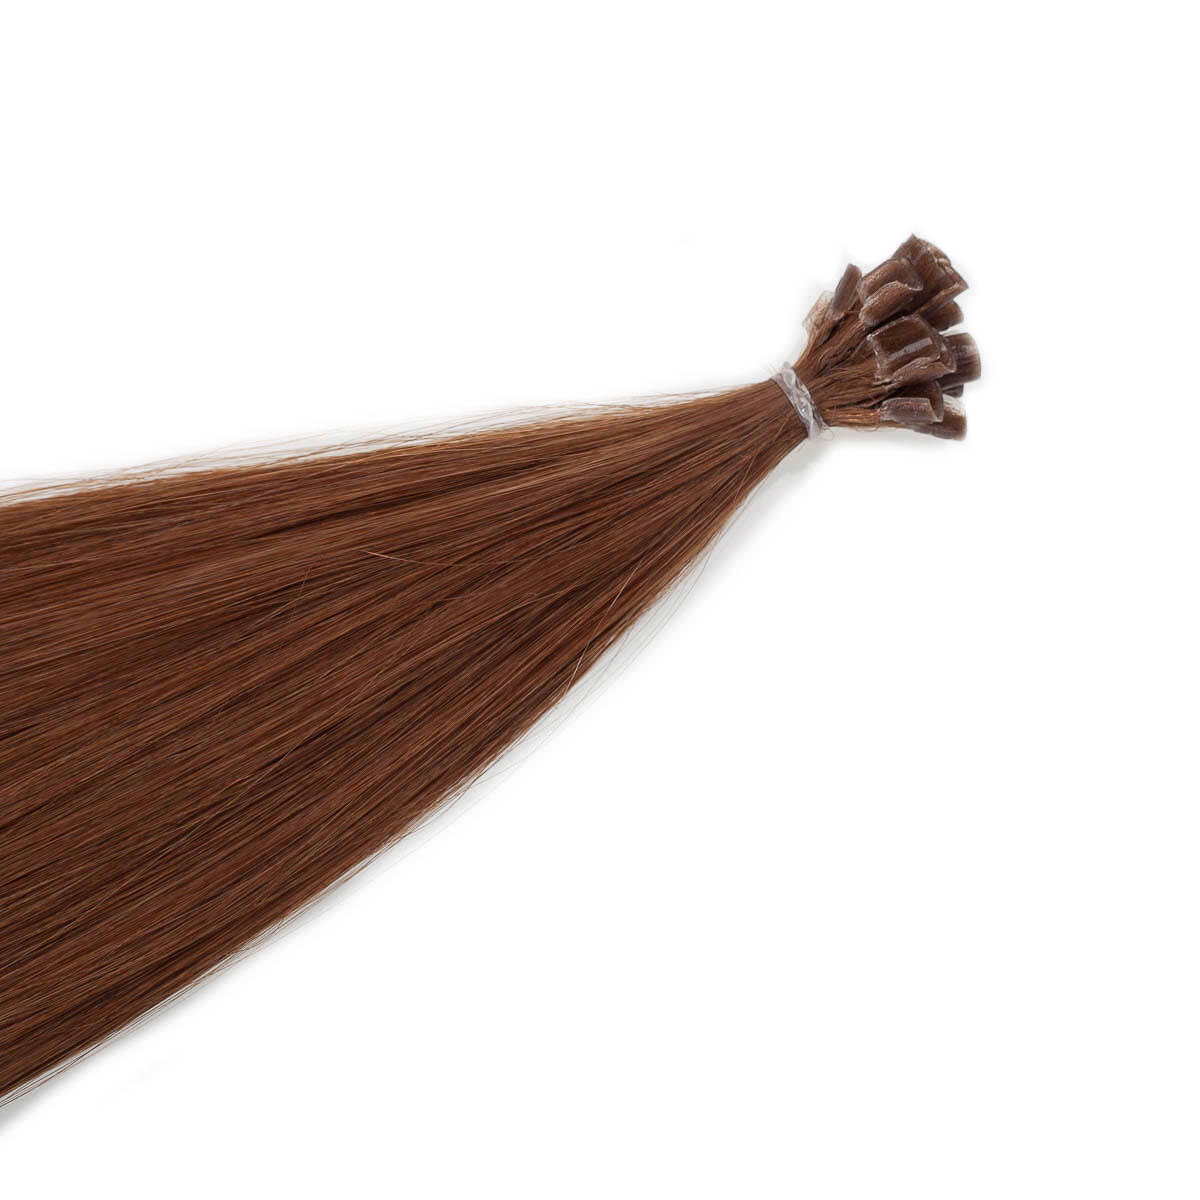 Bondings Premium Glatt 5.4 Copper Brown 60 cm